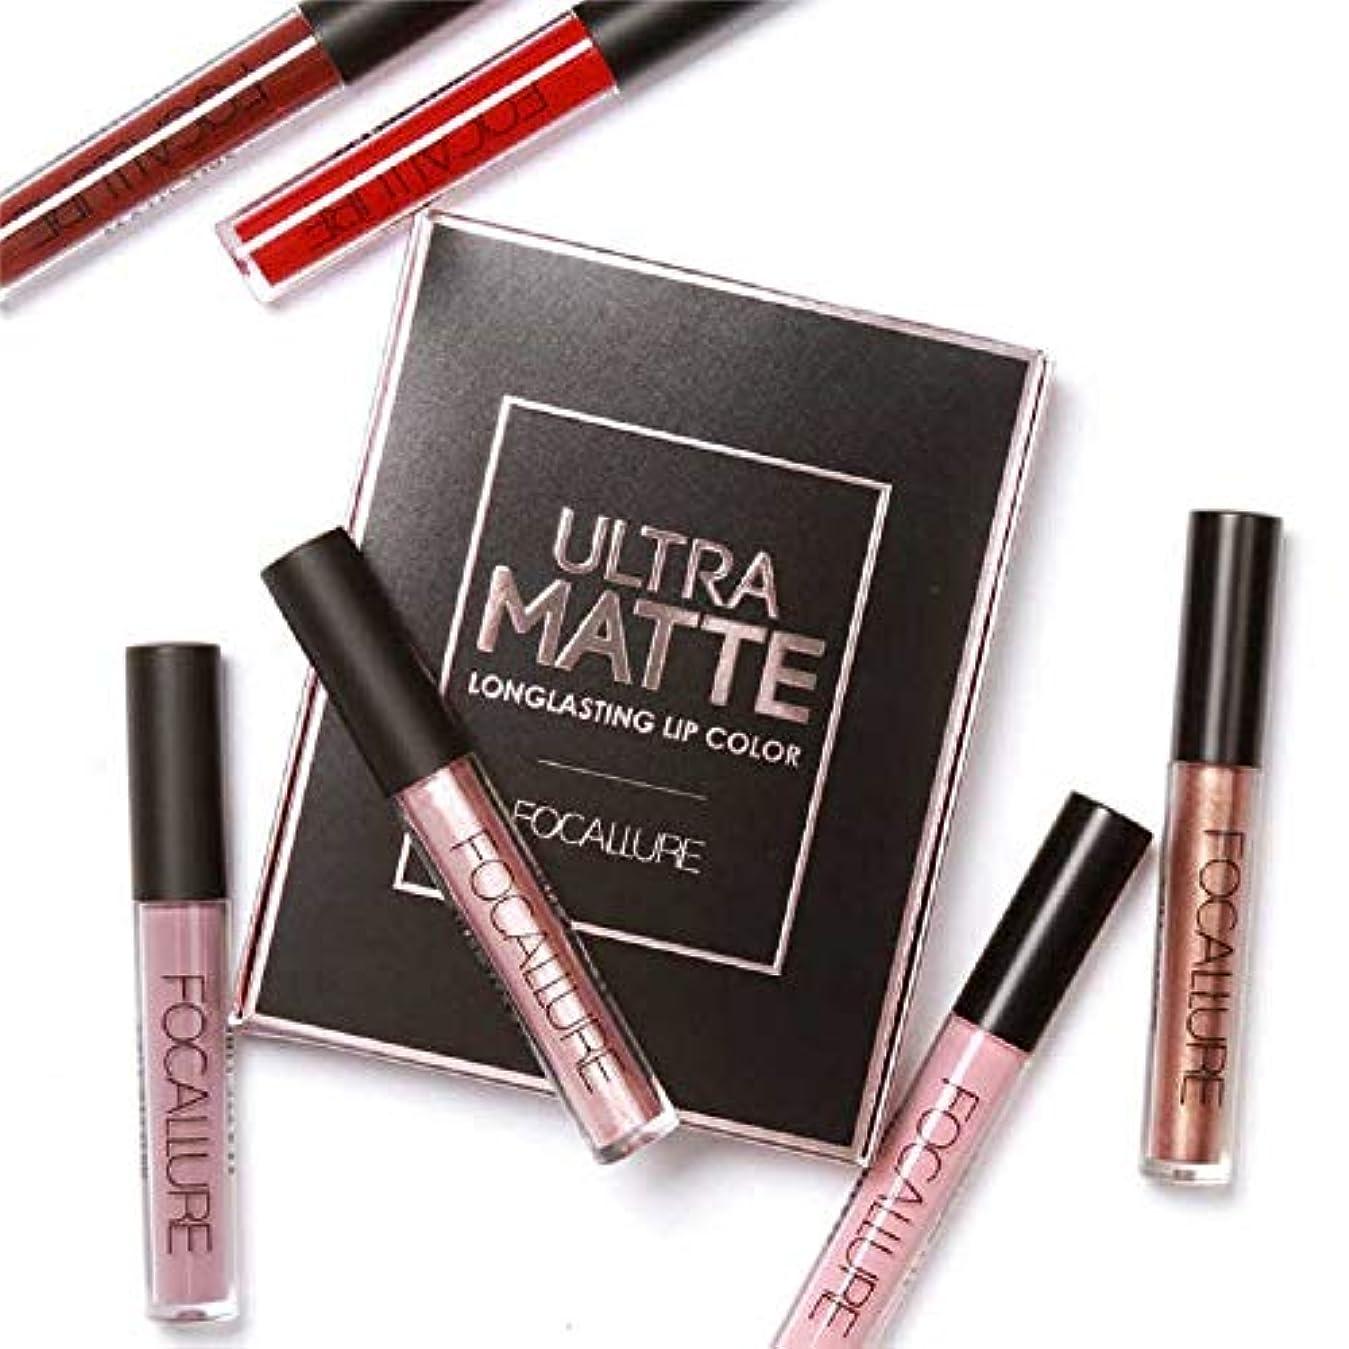 ソーセージアッパー花火3Pcs/Set Long-lasting Lip Colors Makeup Waterproof Tint Lip Gloss Red Velvet Ultra Nude Matte Lipstick Set リップカラーメーキャップ...